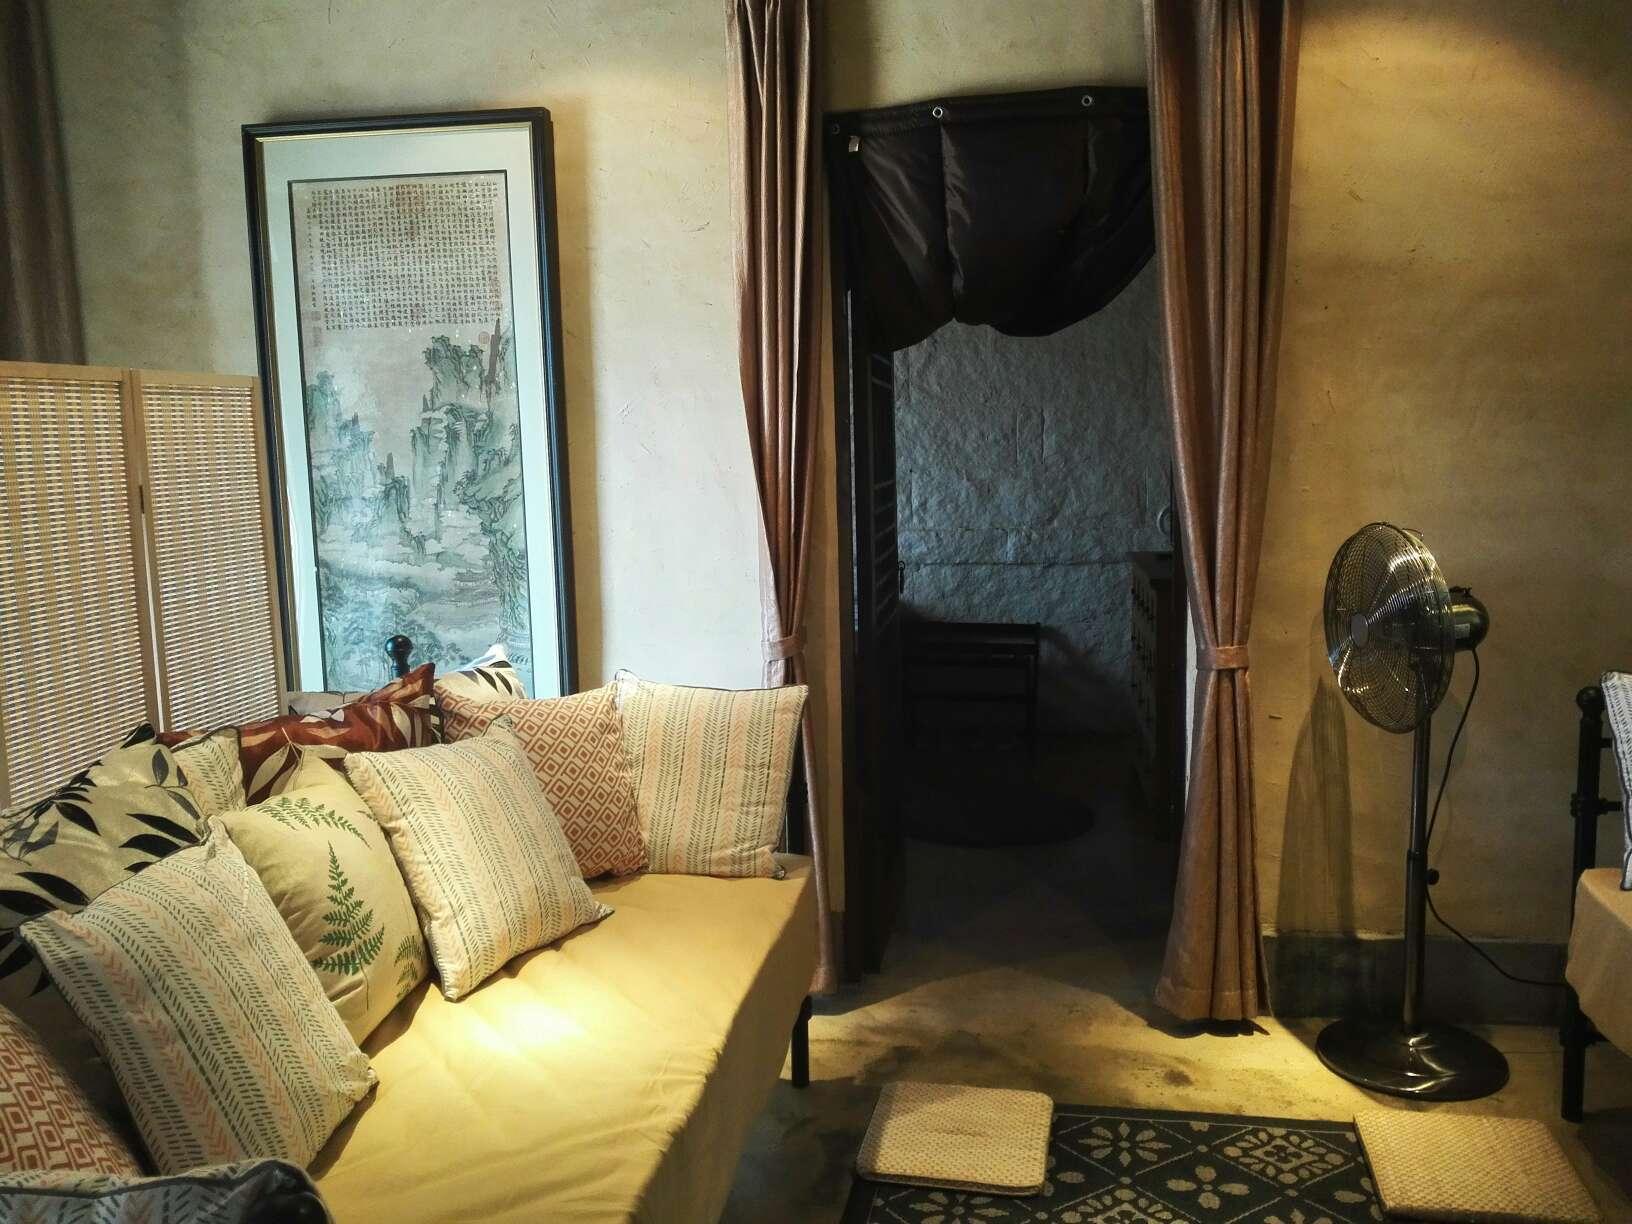 【携程攻略】青岛崂山海草房精品度假酒店预订价格